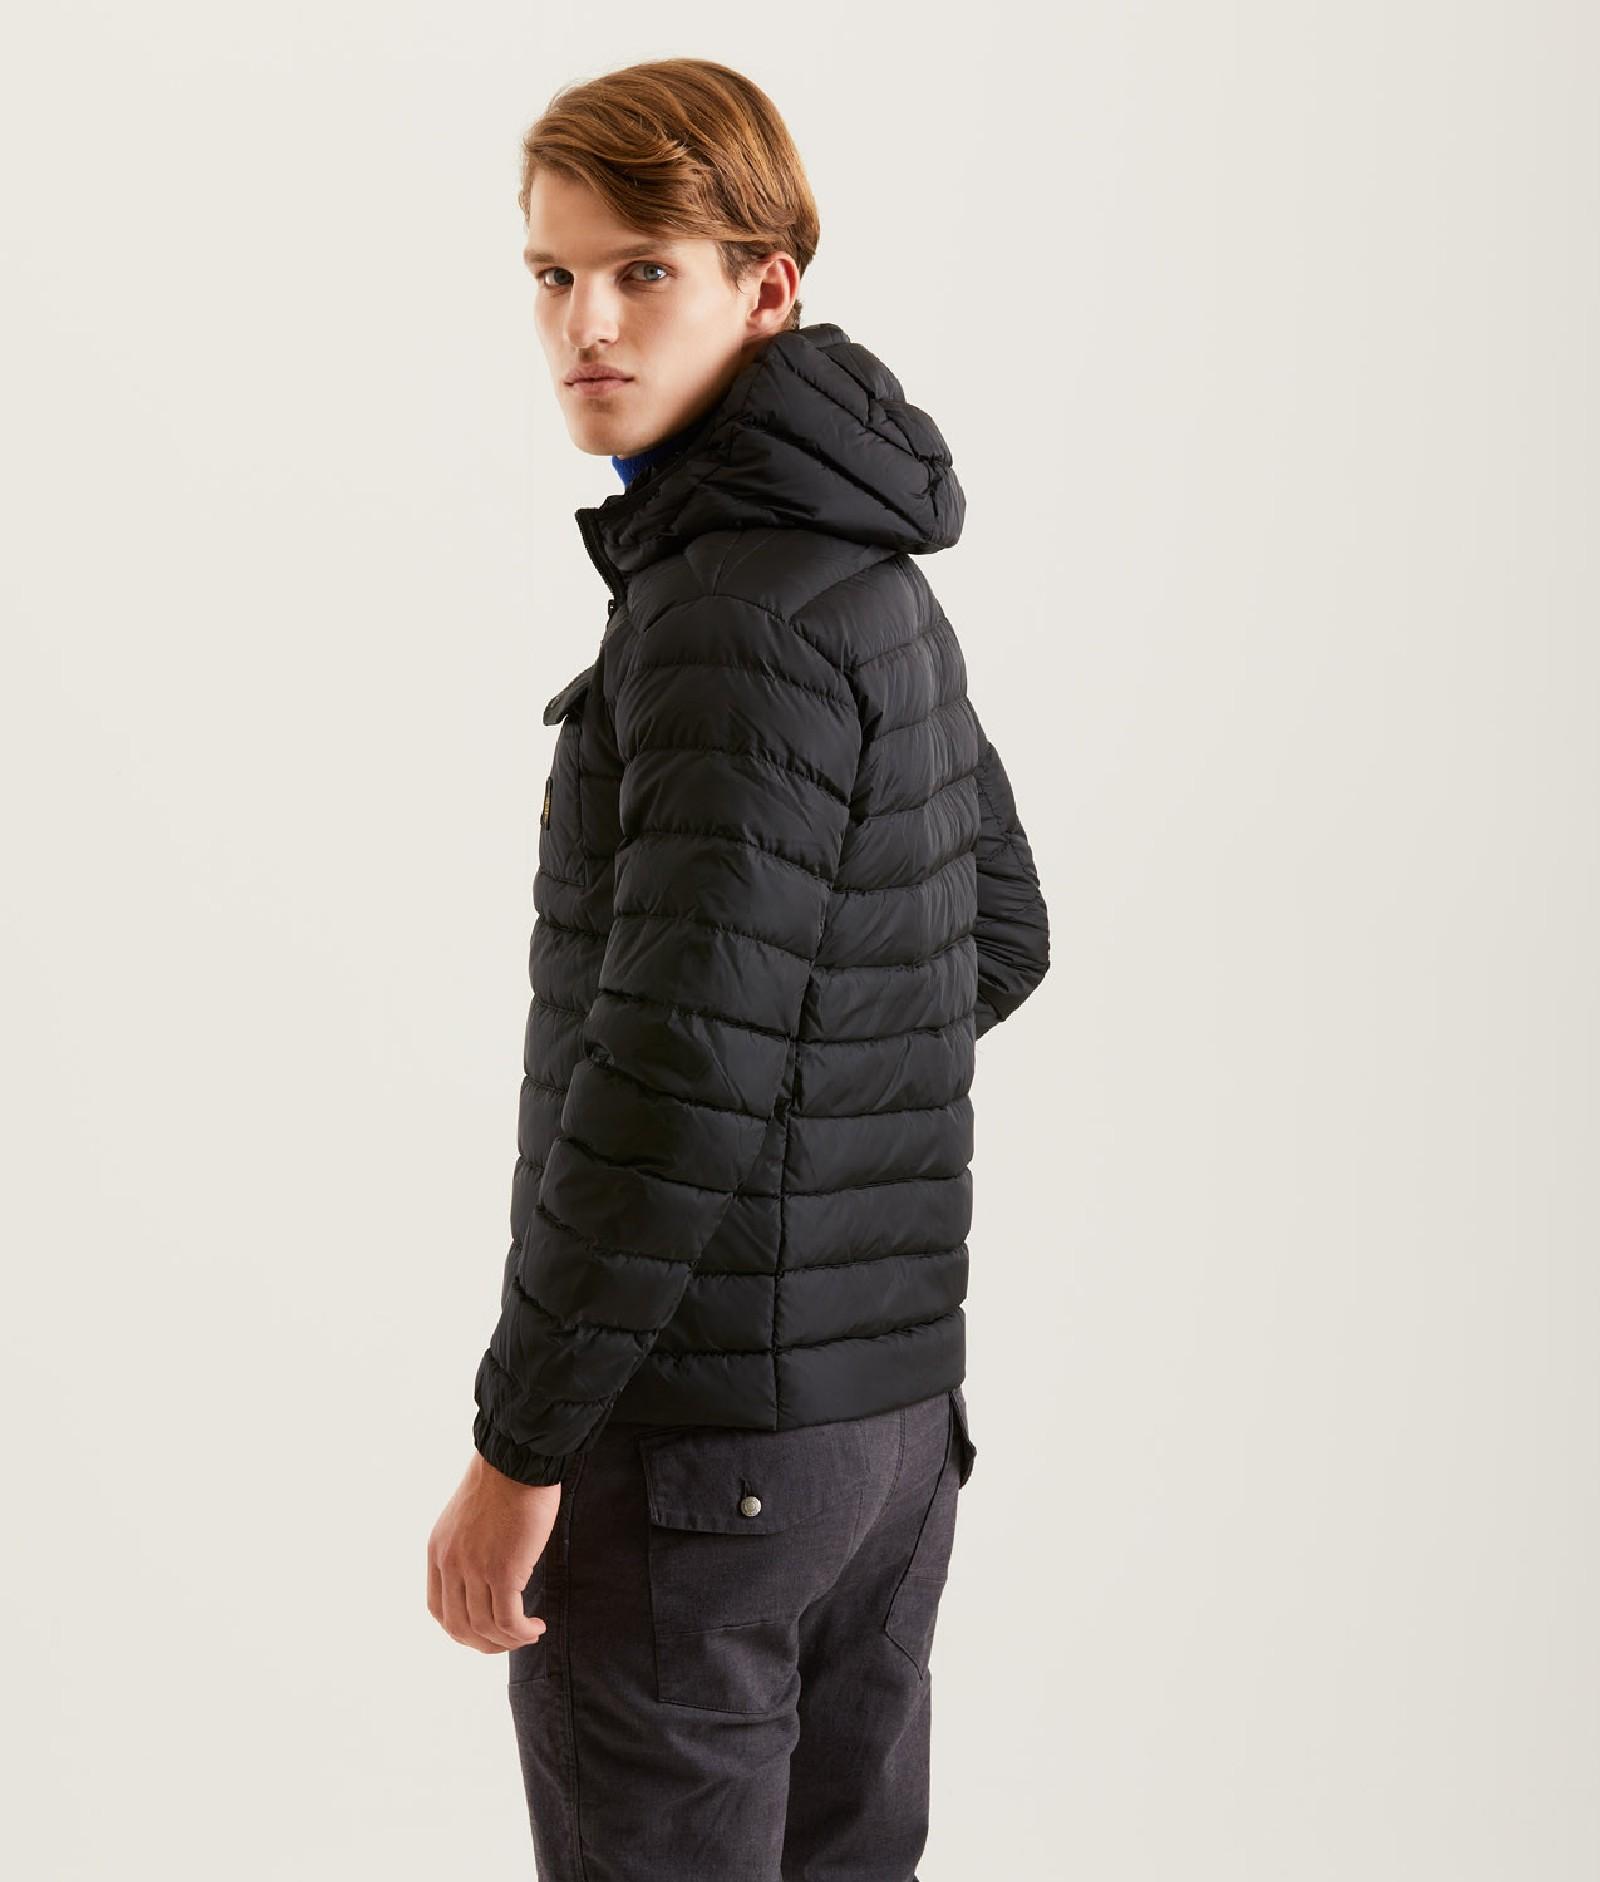 hunter jacket REFRIGIWEAR | Giubbino | 21AIRM0G92700NY0185000000G06000